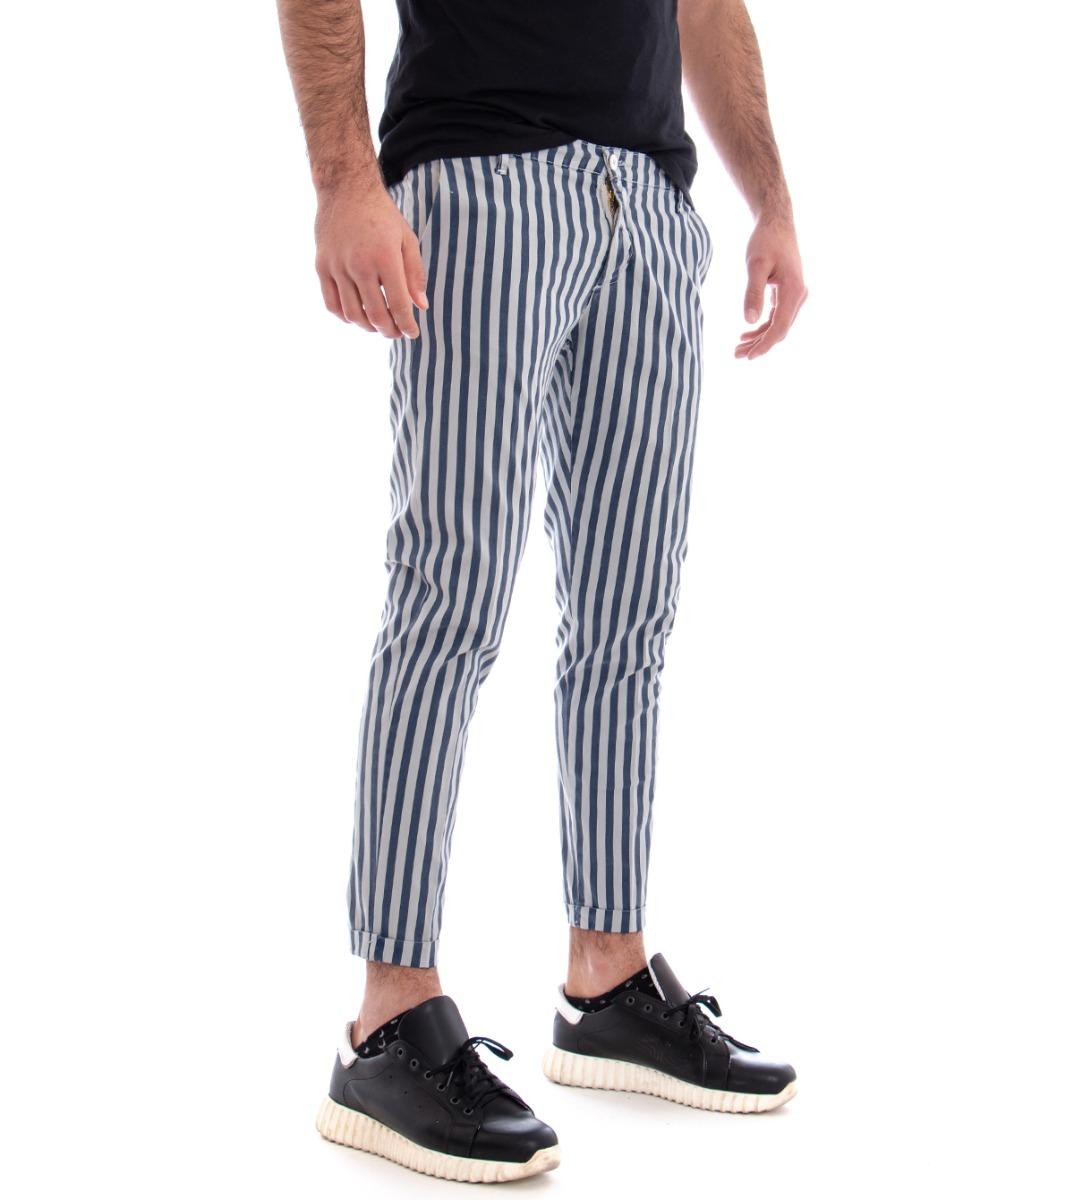 Pantalone Uomo Rigato Tasca America Righe Grigio Bicolore Slim Cotone Giosal